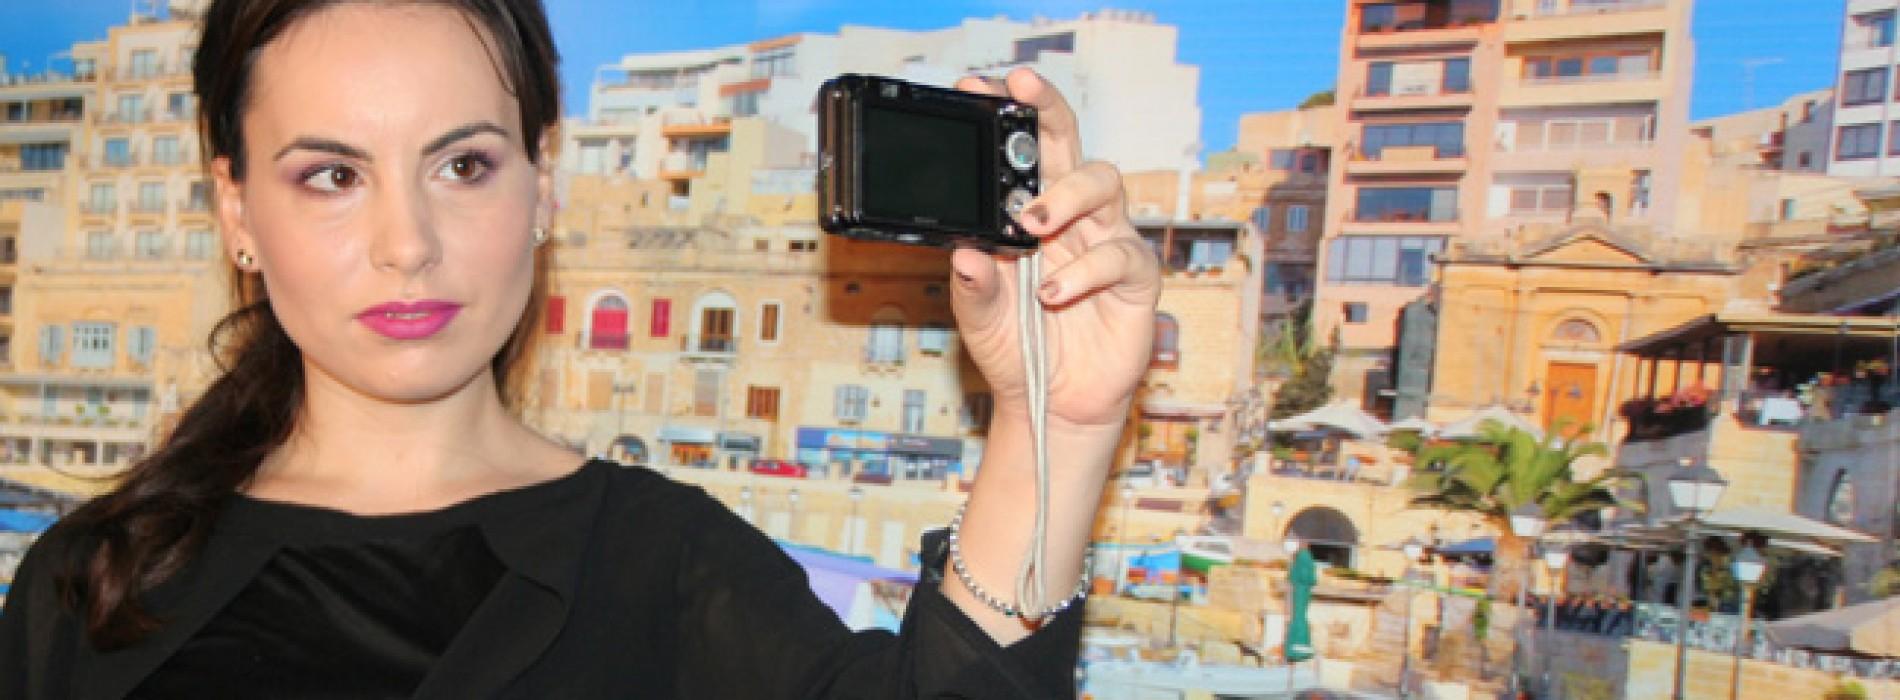 Fii profi cu aparat foto de amator!